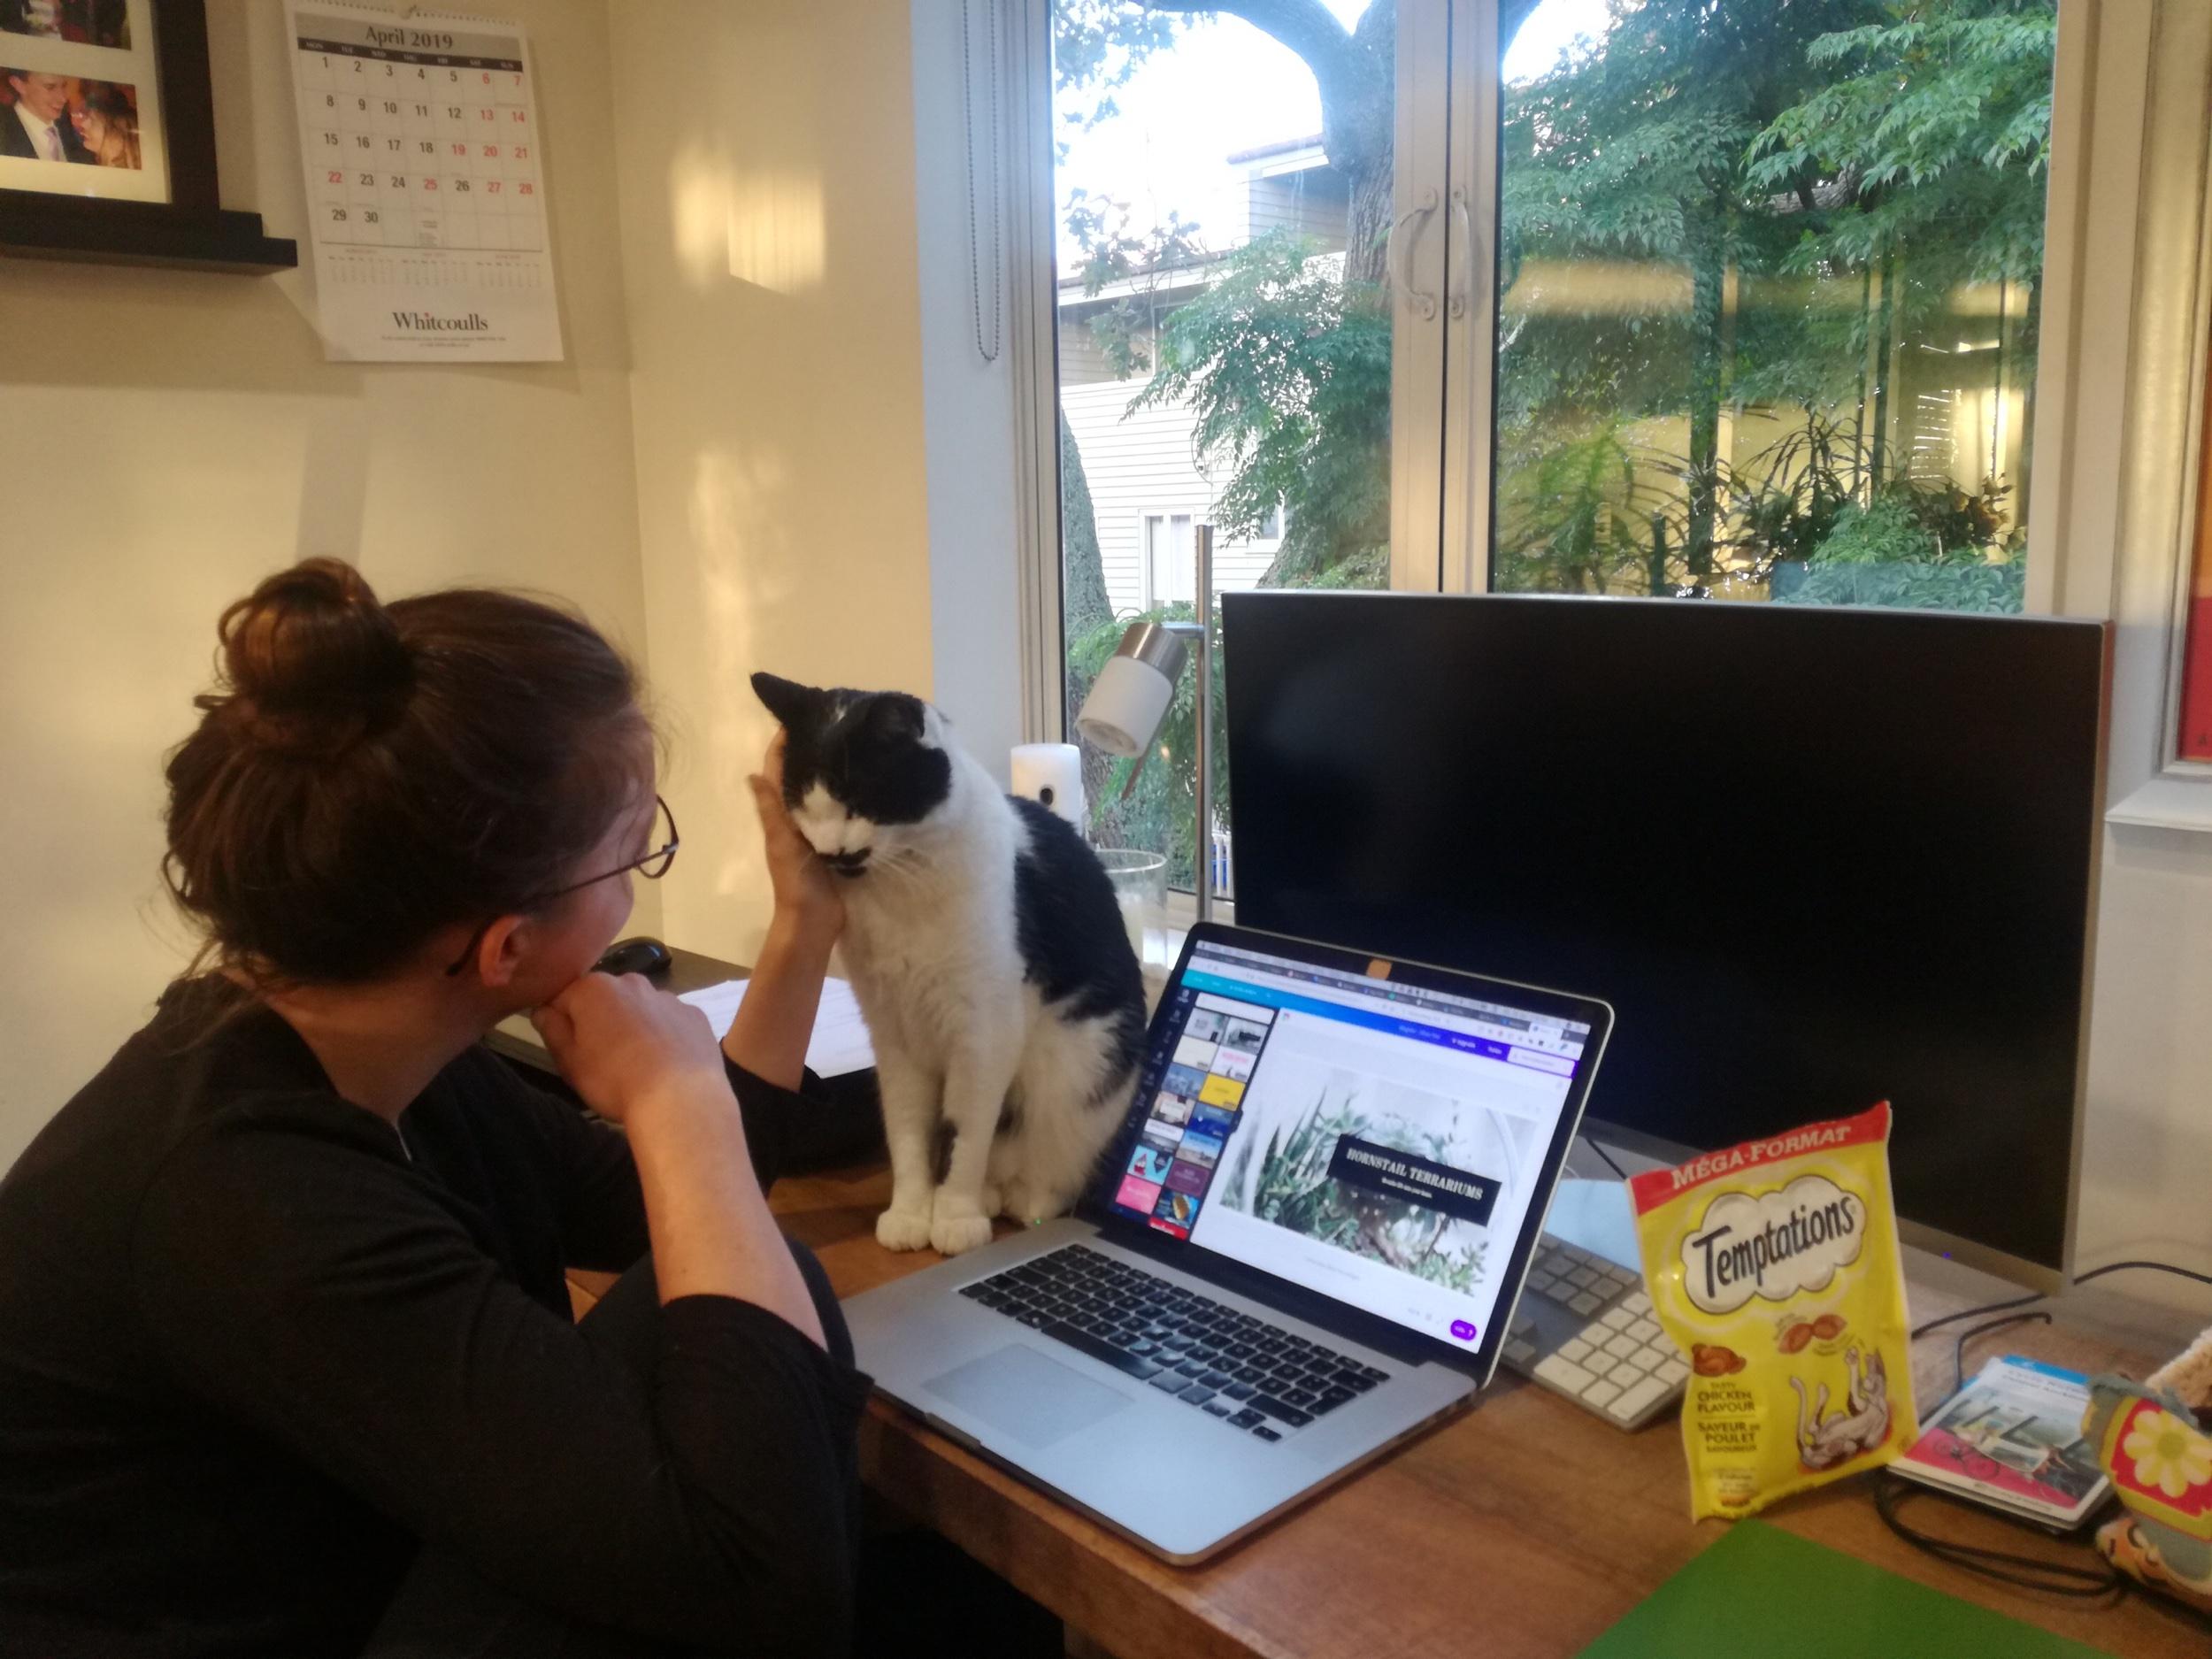 UNser alltag als Katzen-Sitter - Ganz wichtig: Streicheleinheiten und Leckerlies!